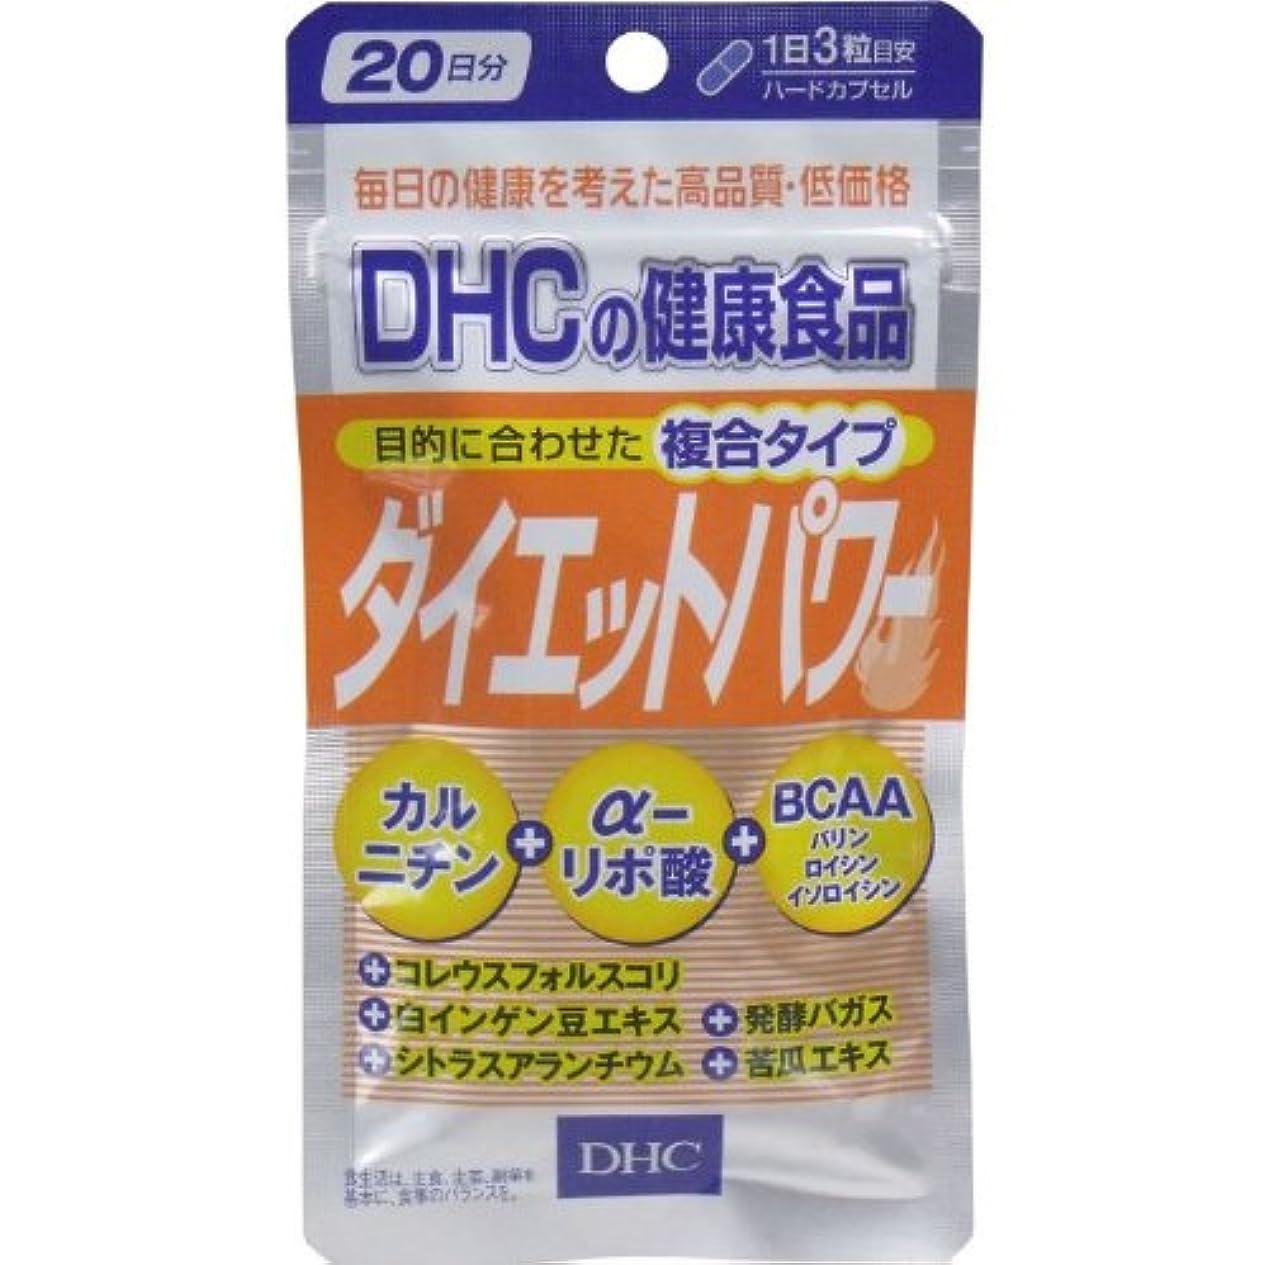 熱意第二に離すDHC ダイエットパワー 60粒入 【3個セット】